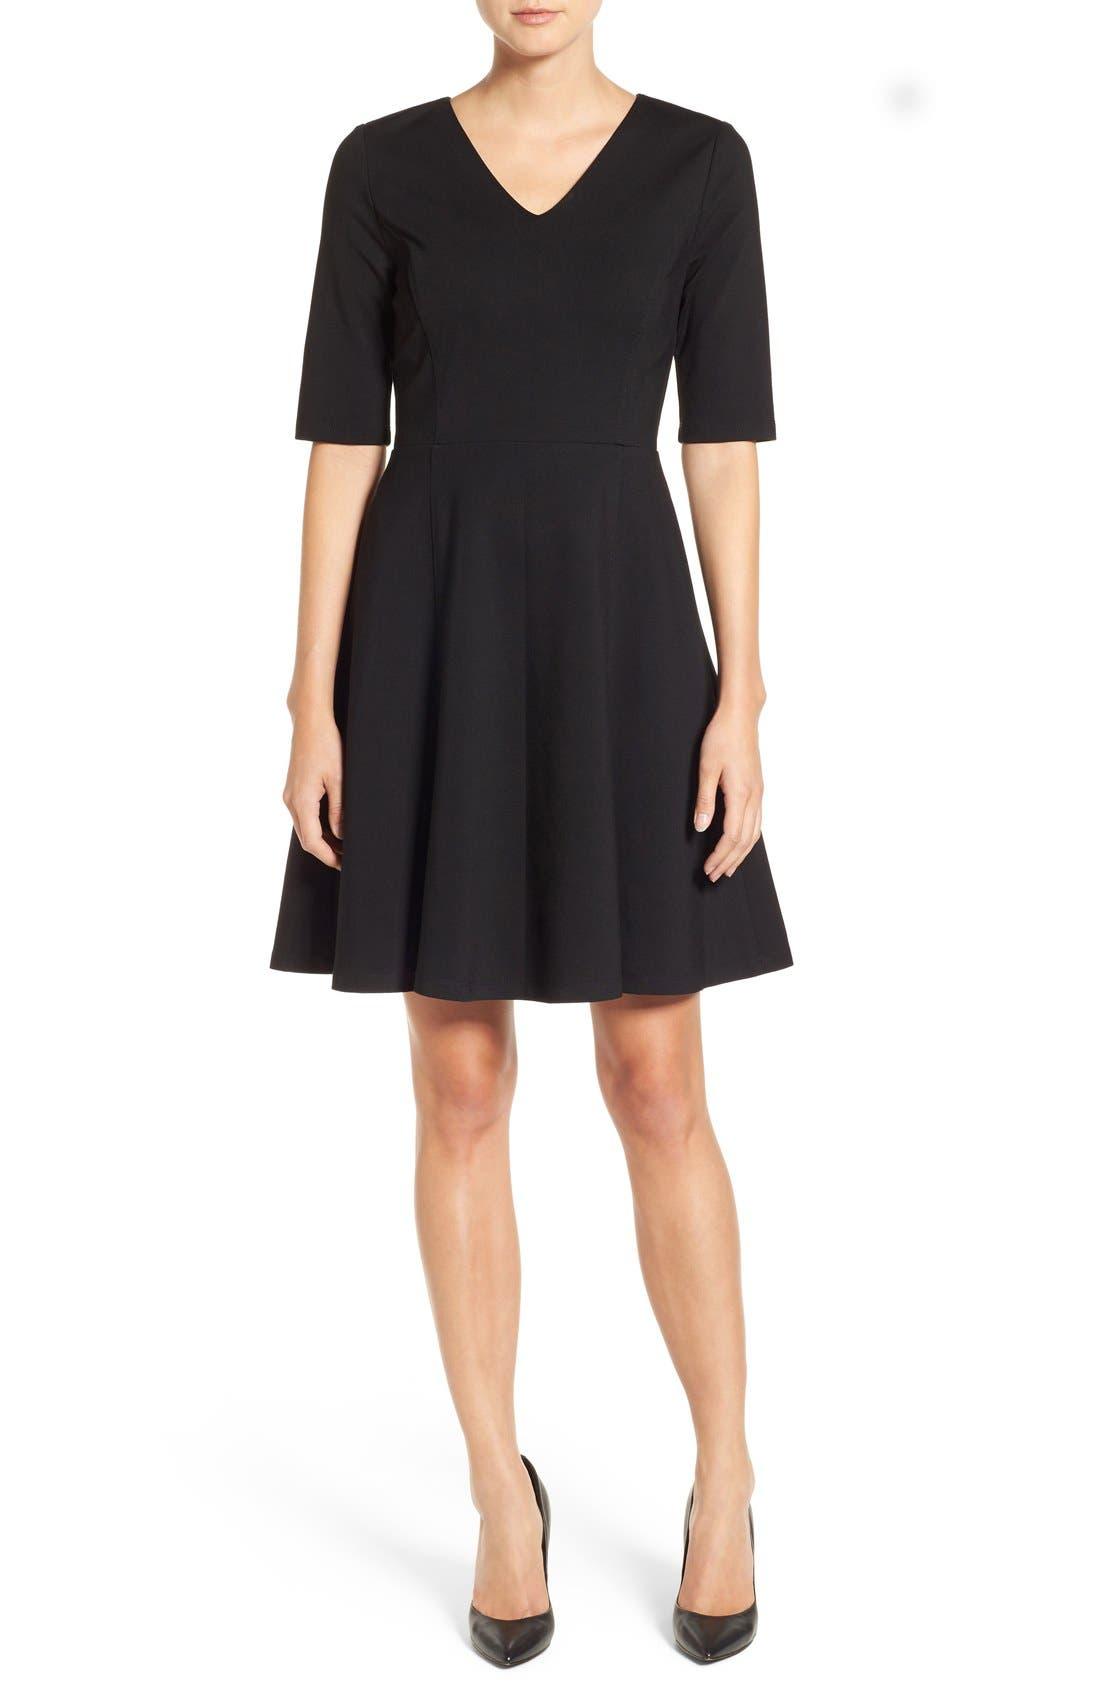 Alternate Image 1 Selected - Halogen® Ponte Fit & Flare Dress (Regular & Petite)